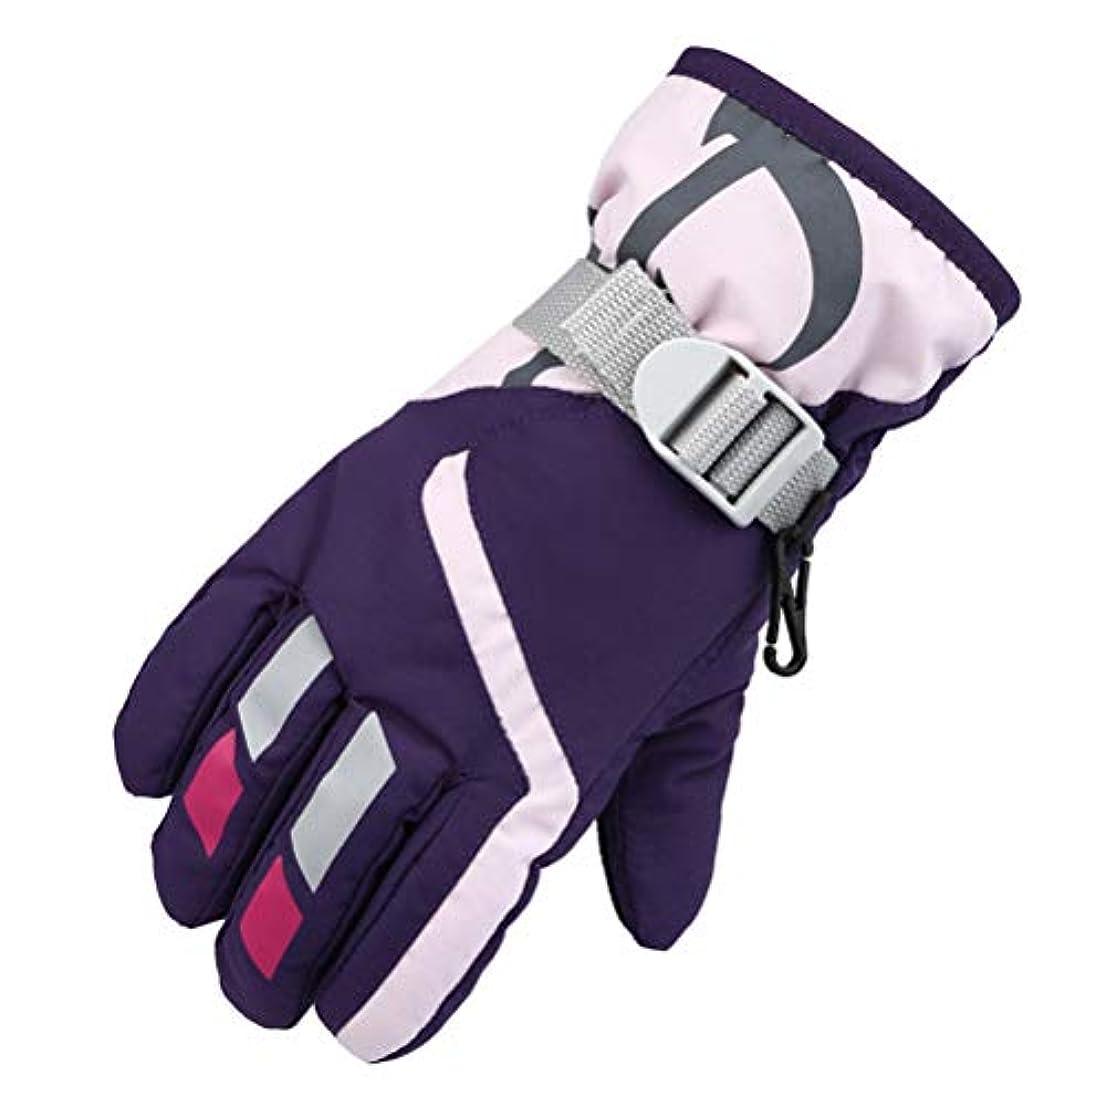 悪用記念日原理TAIPPAN 子供用スキー手袋冬は、暖かい手袋調節可能な耐寒性手袋厚く防寒グローブ 保温 冬 厚手 革 防寒 スポーツグローブ